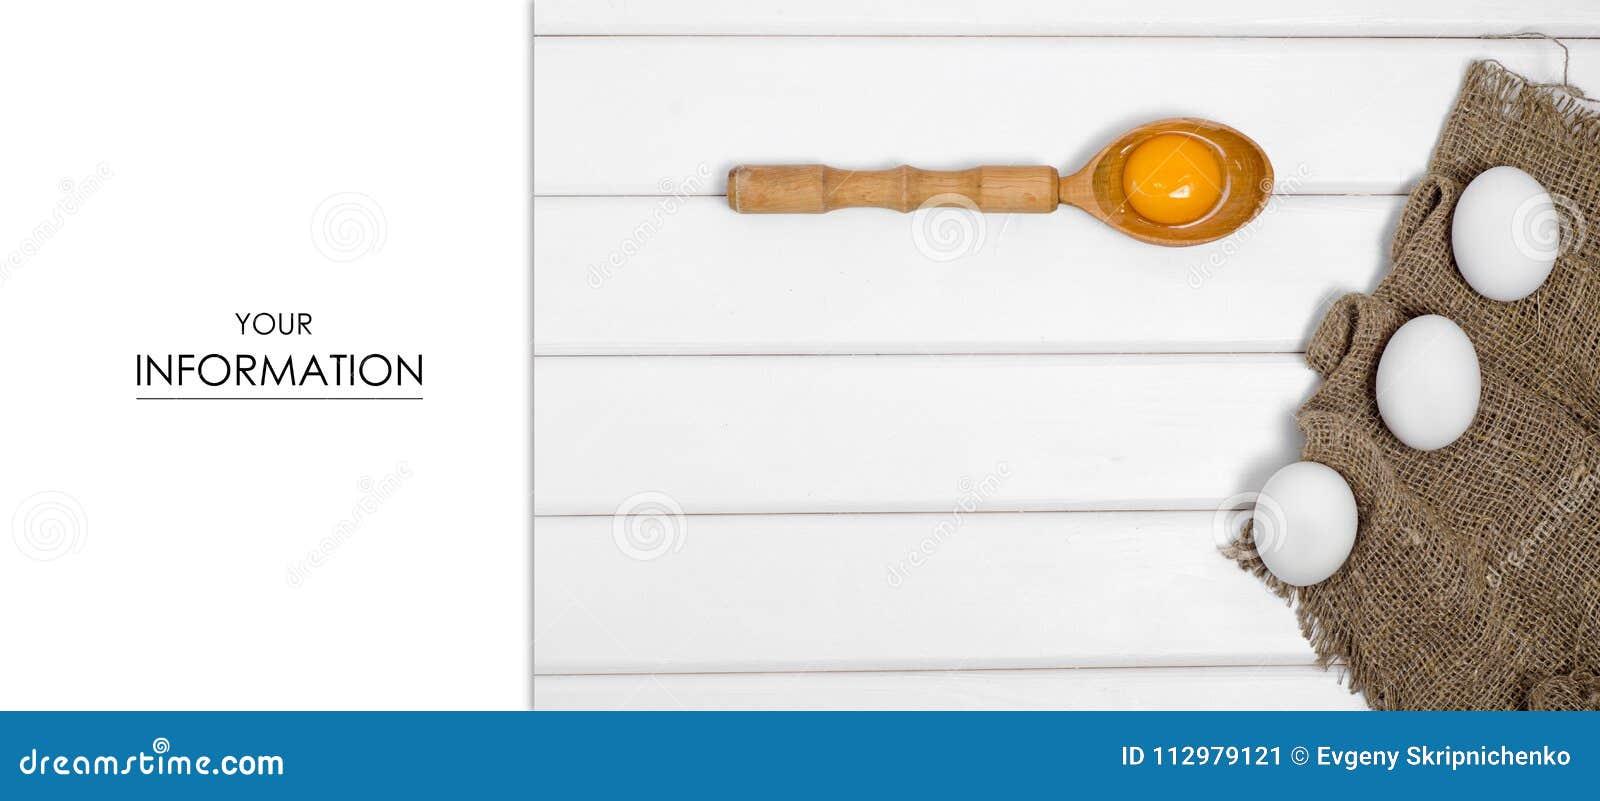 Eggs wooden spoon yolk female hand pattern